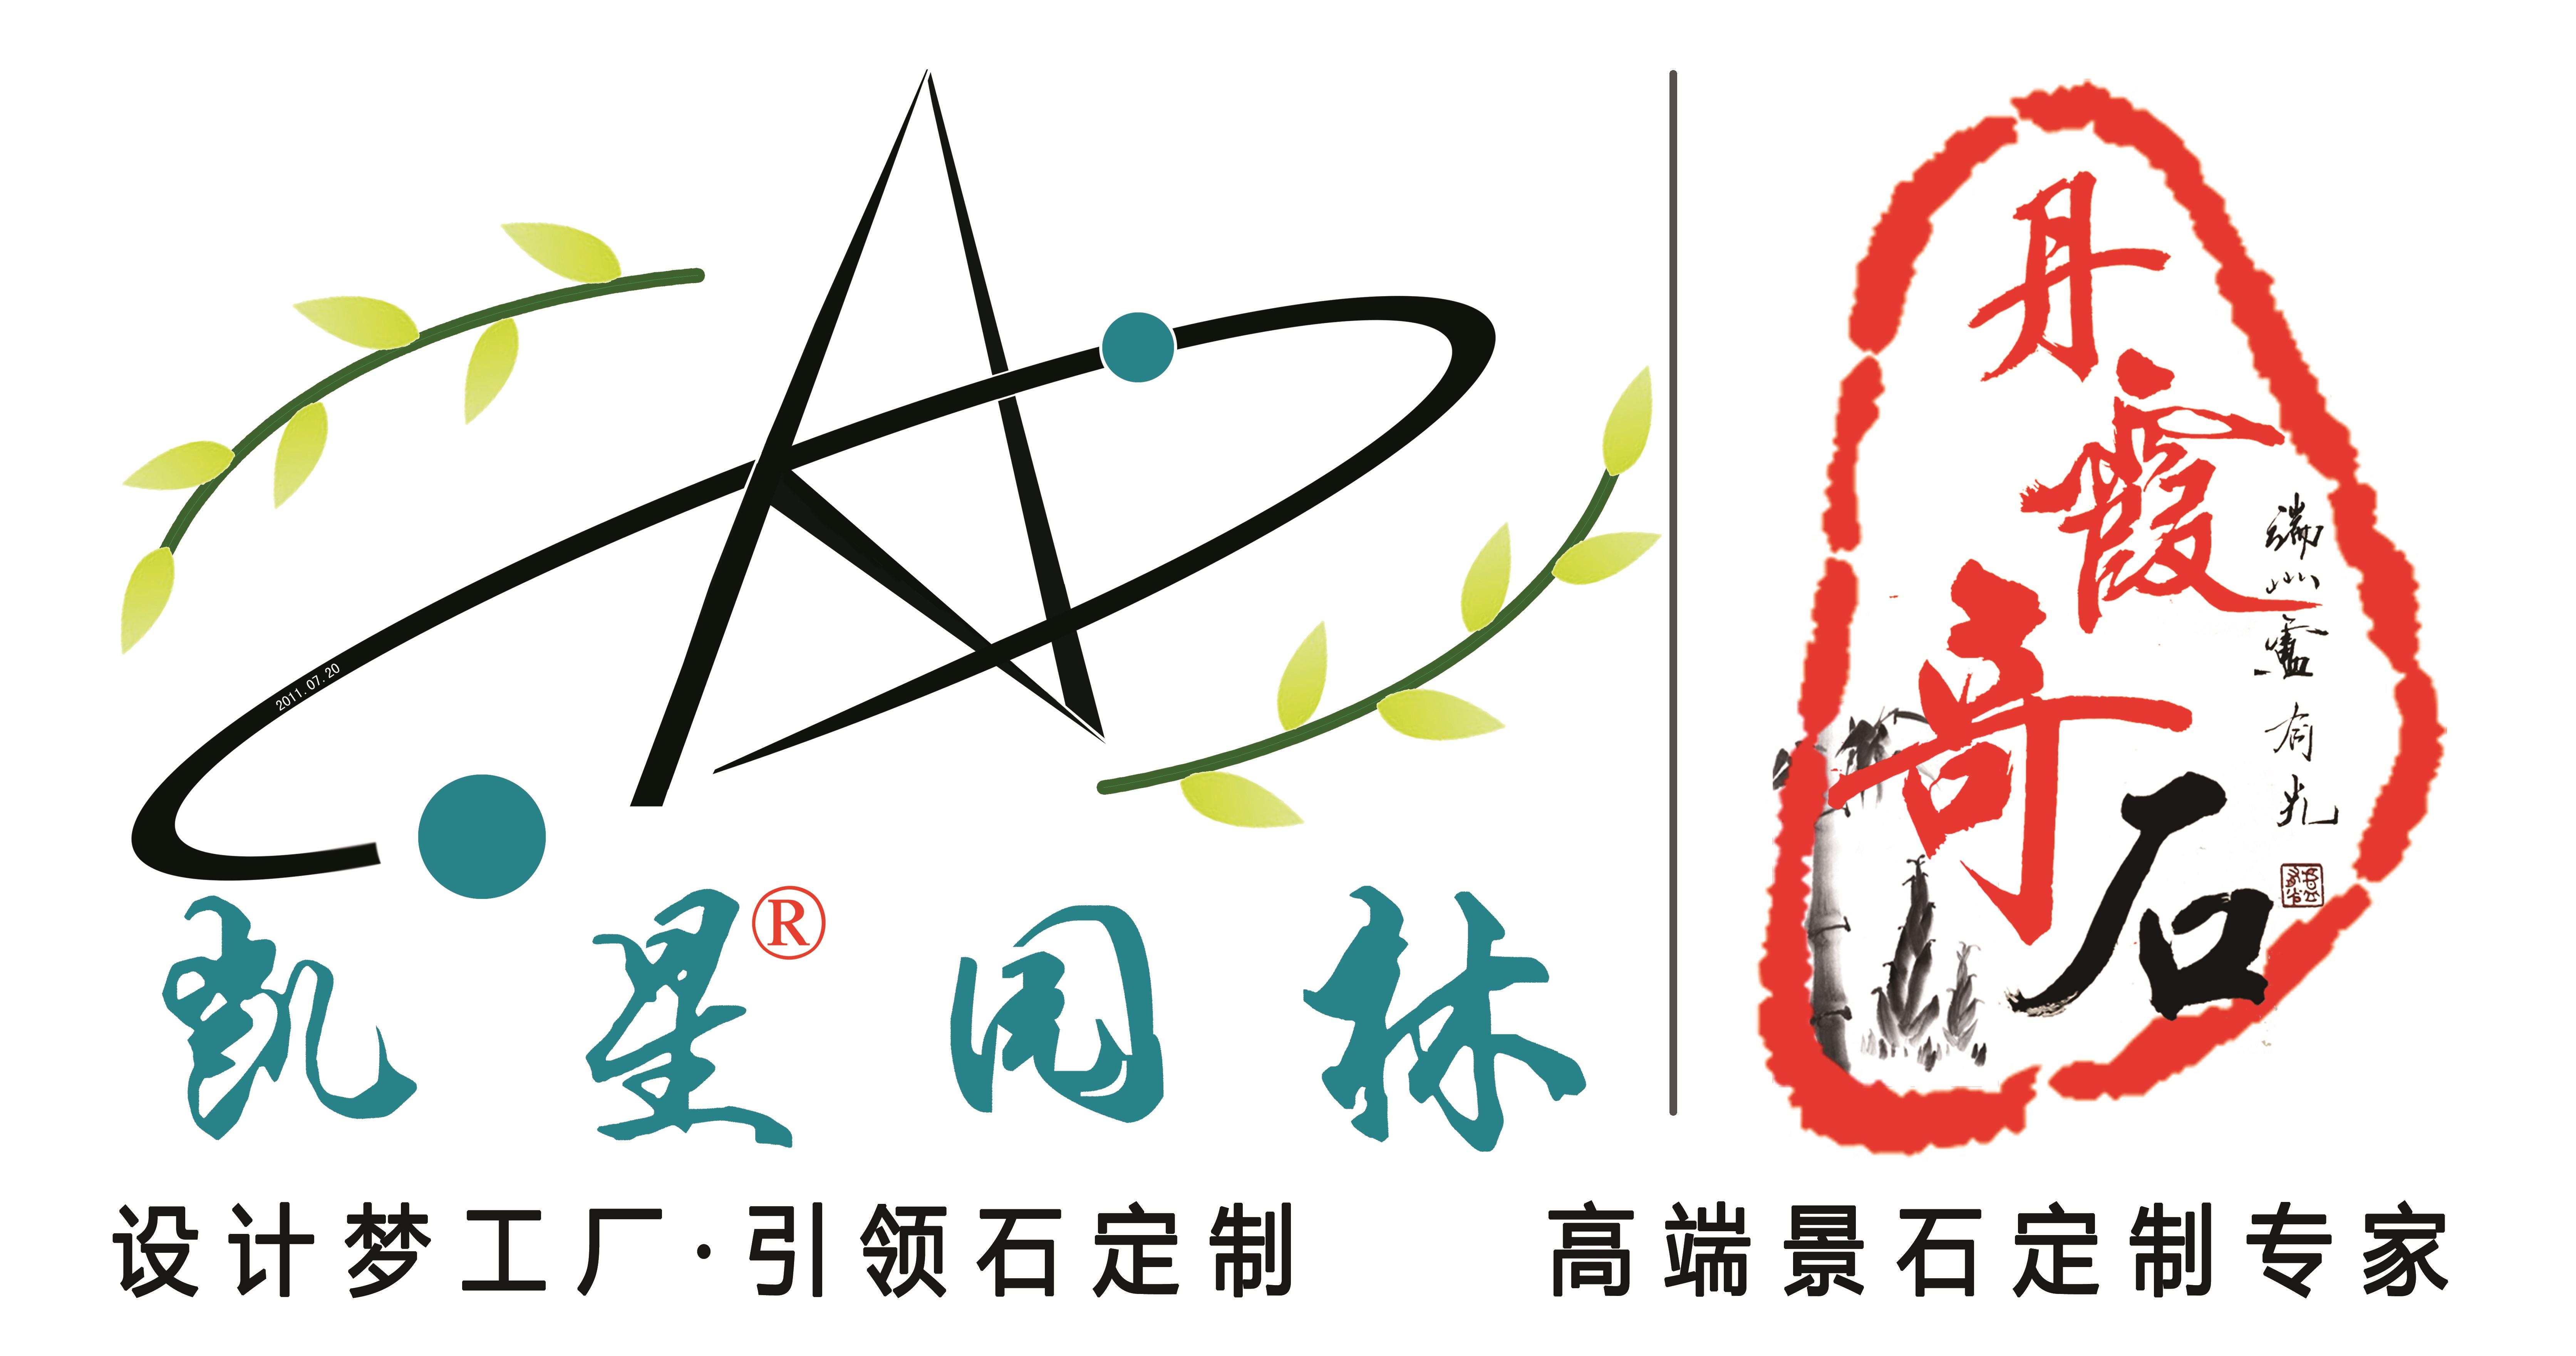 广州凯星园林绿化工程有限公司